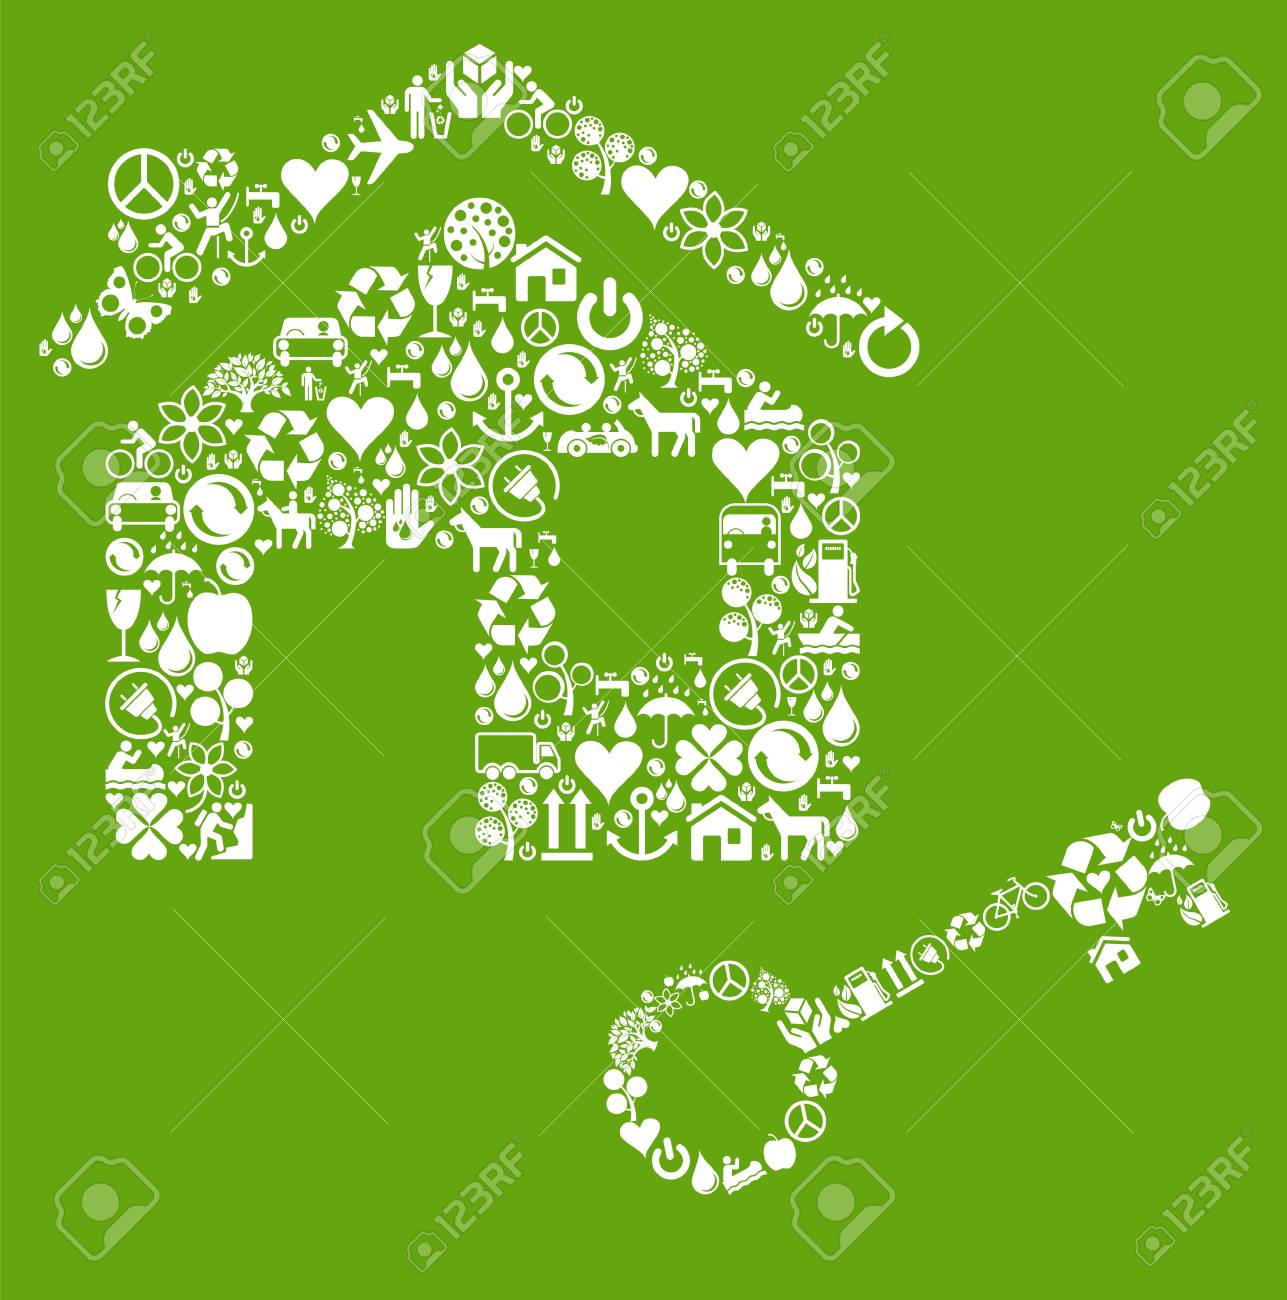 Ecology house vector concept Stock Vector - 10044163